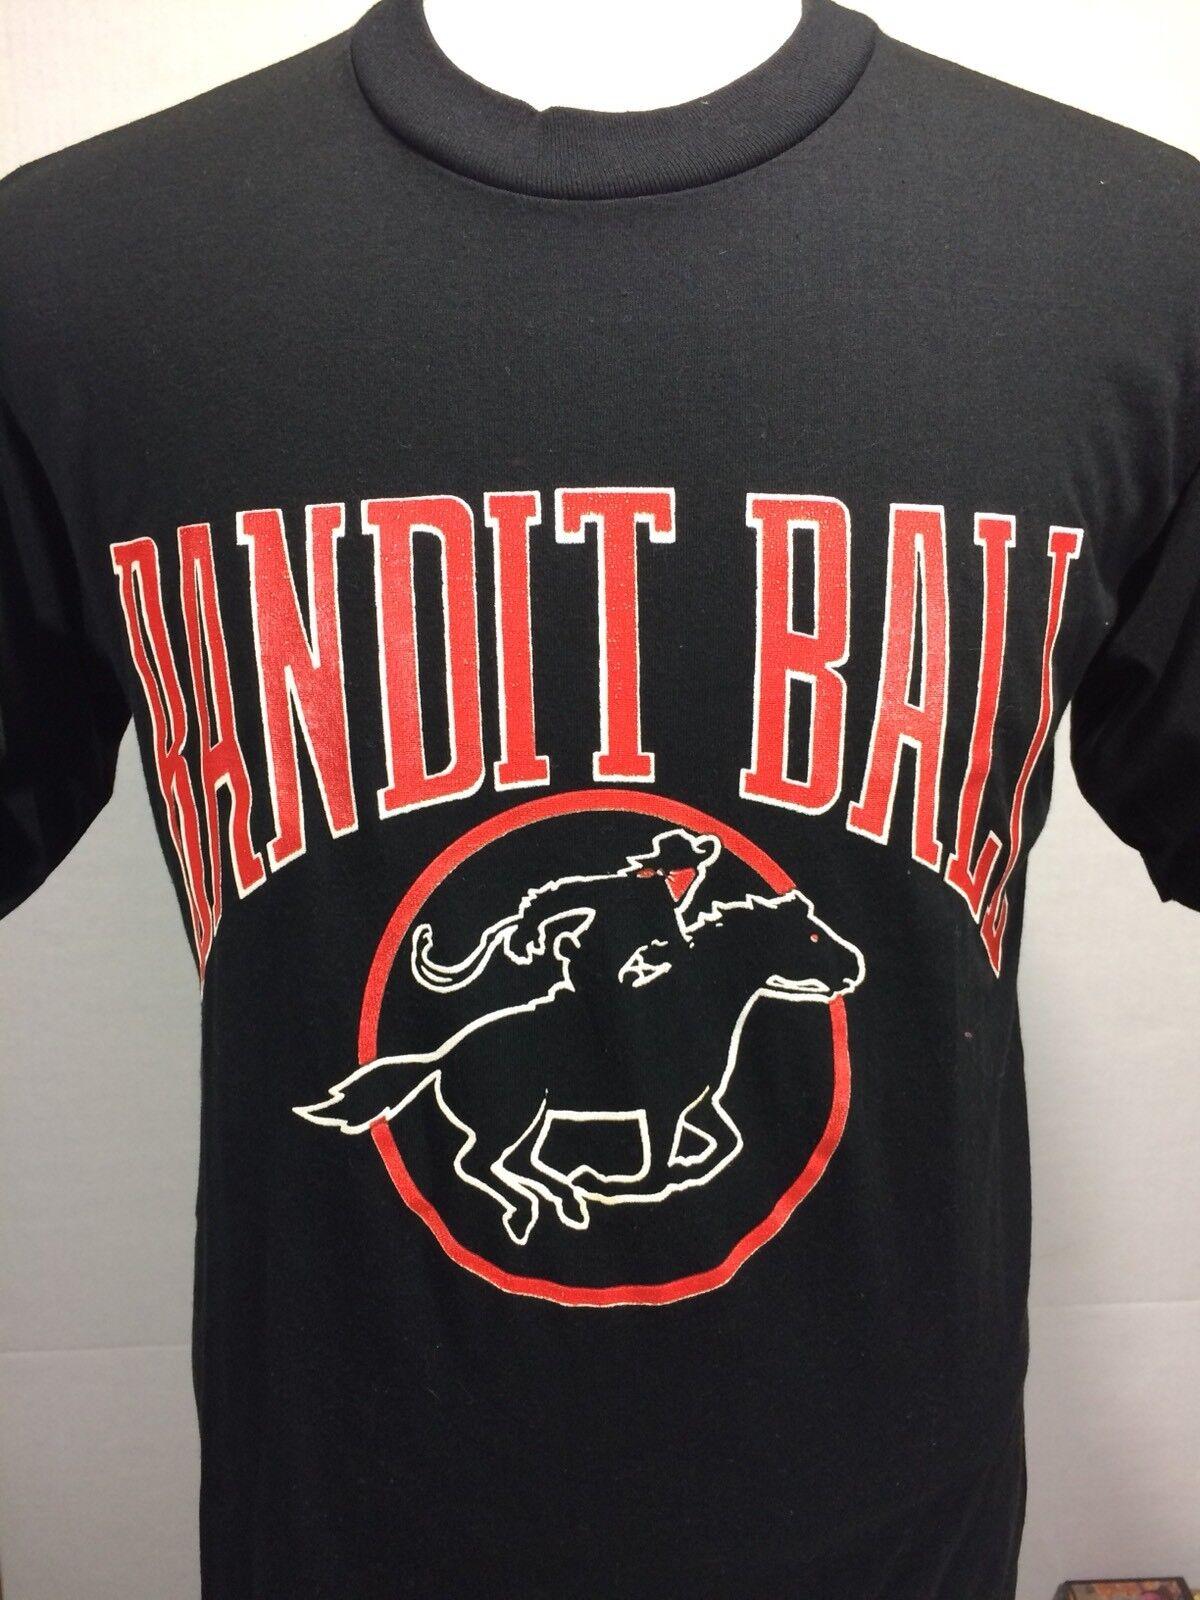 Vintage 80's Bandit Ball Logo 7 USA Tampa Florida Smokey NFL Football